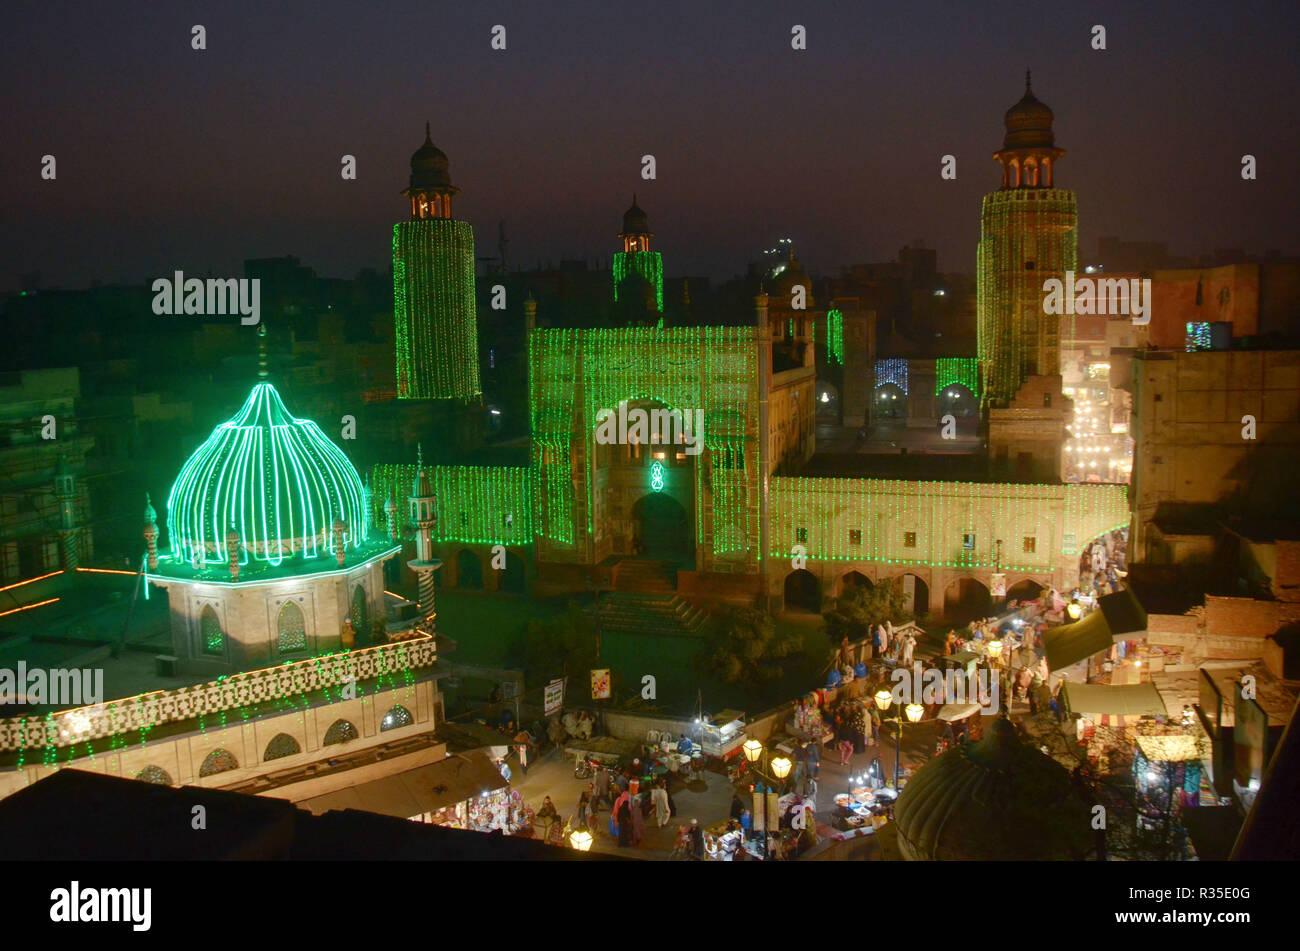 Rabi Ul Awwal Stock Photos & Rabi Ul Awwal Stock Images - Alamy